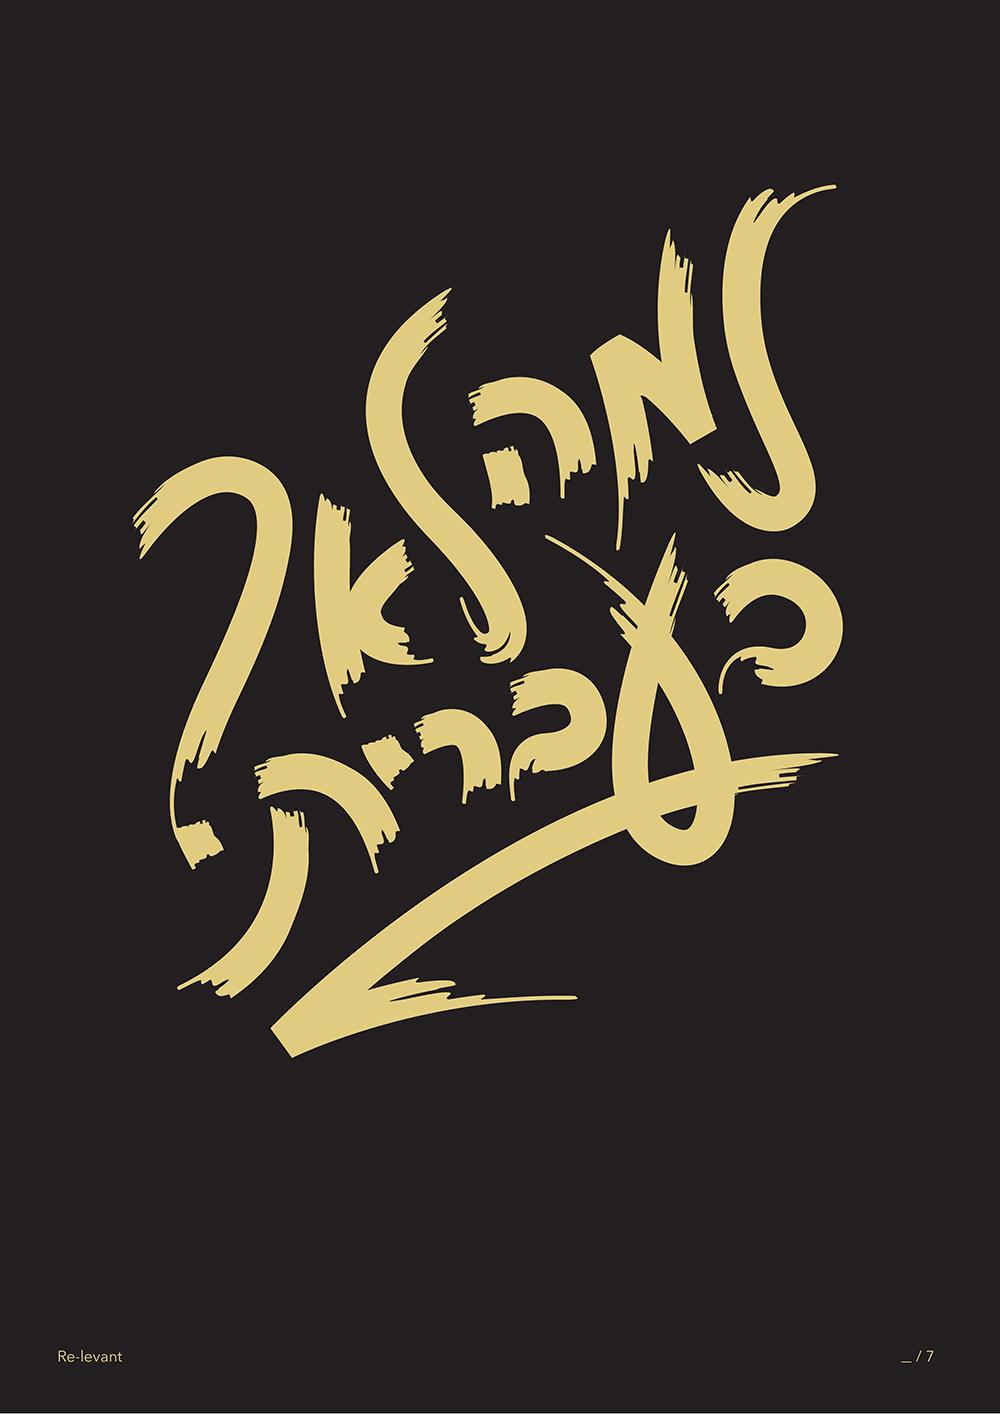 למה לא בעברית? סטודיו רה לבנט, 2014. הדפס משי זהב על נייר שחור A3